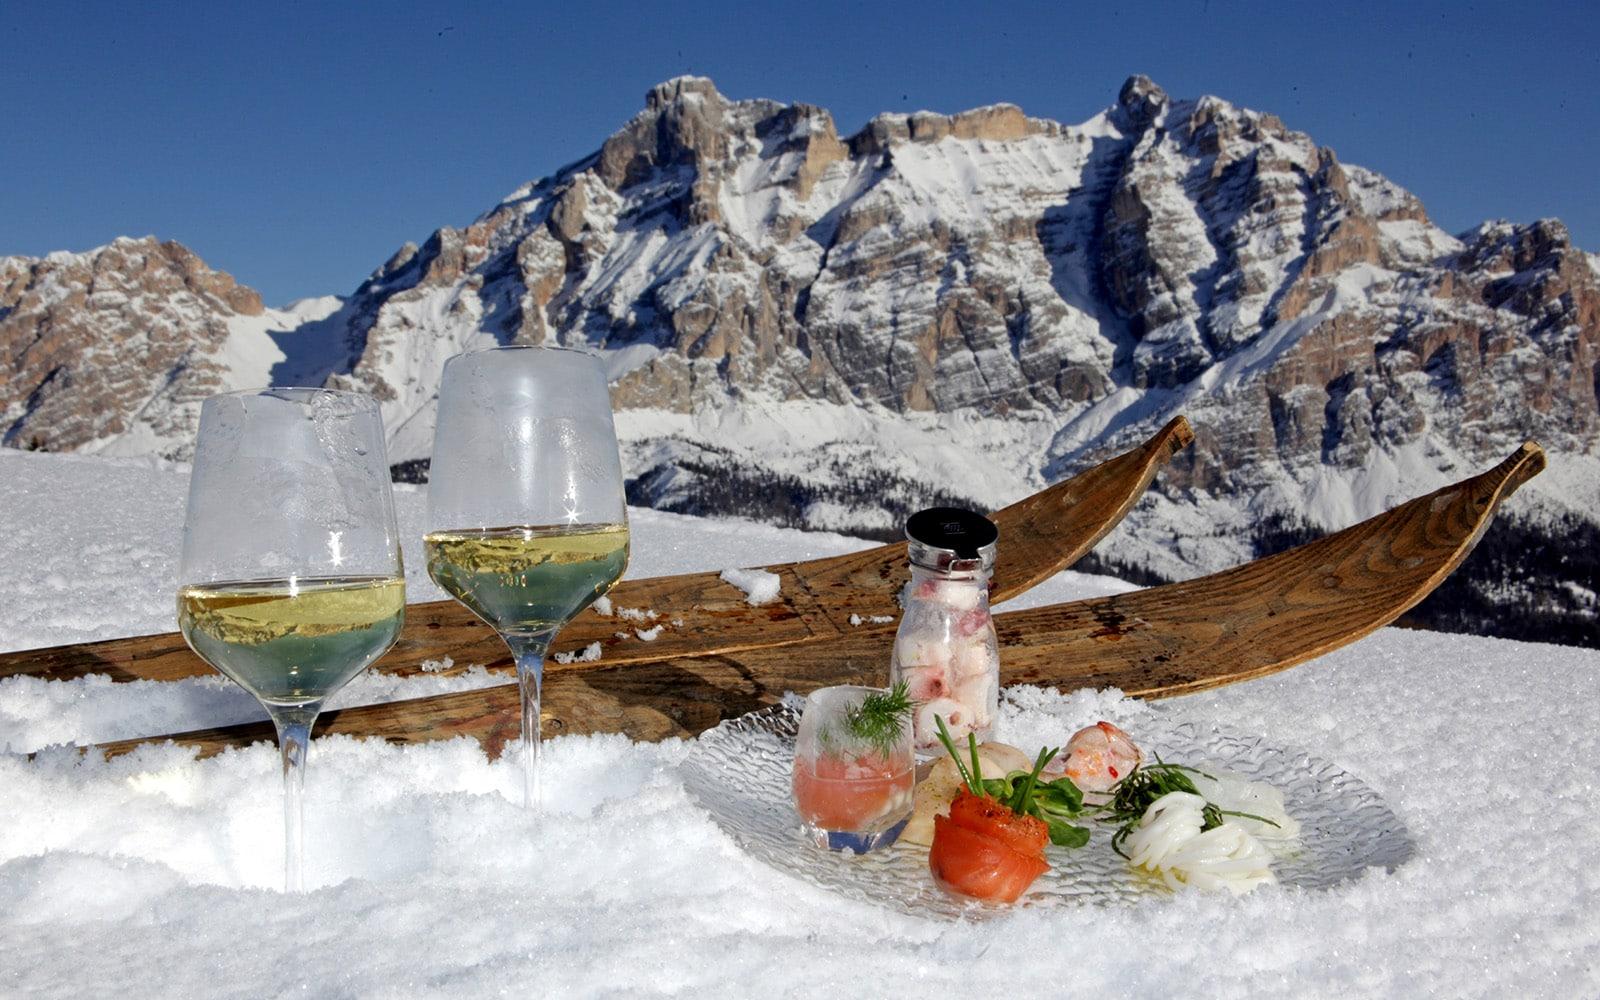 ricetta di montagna, in Alta Badia